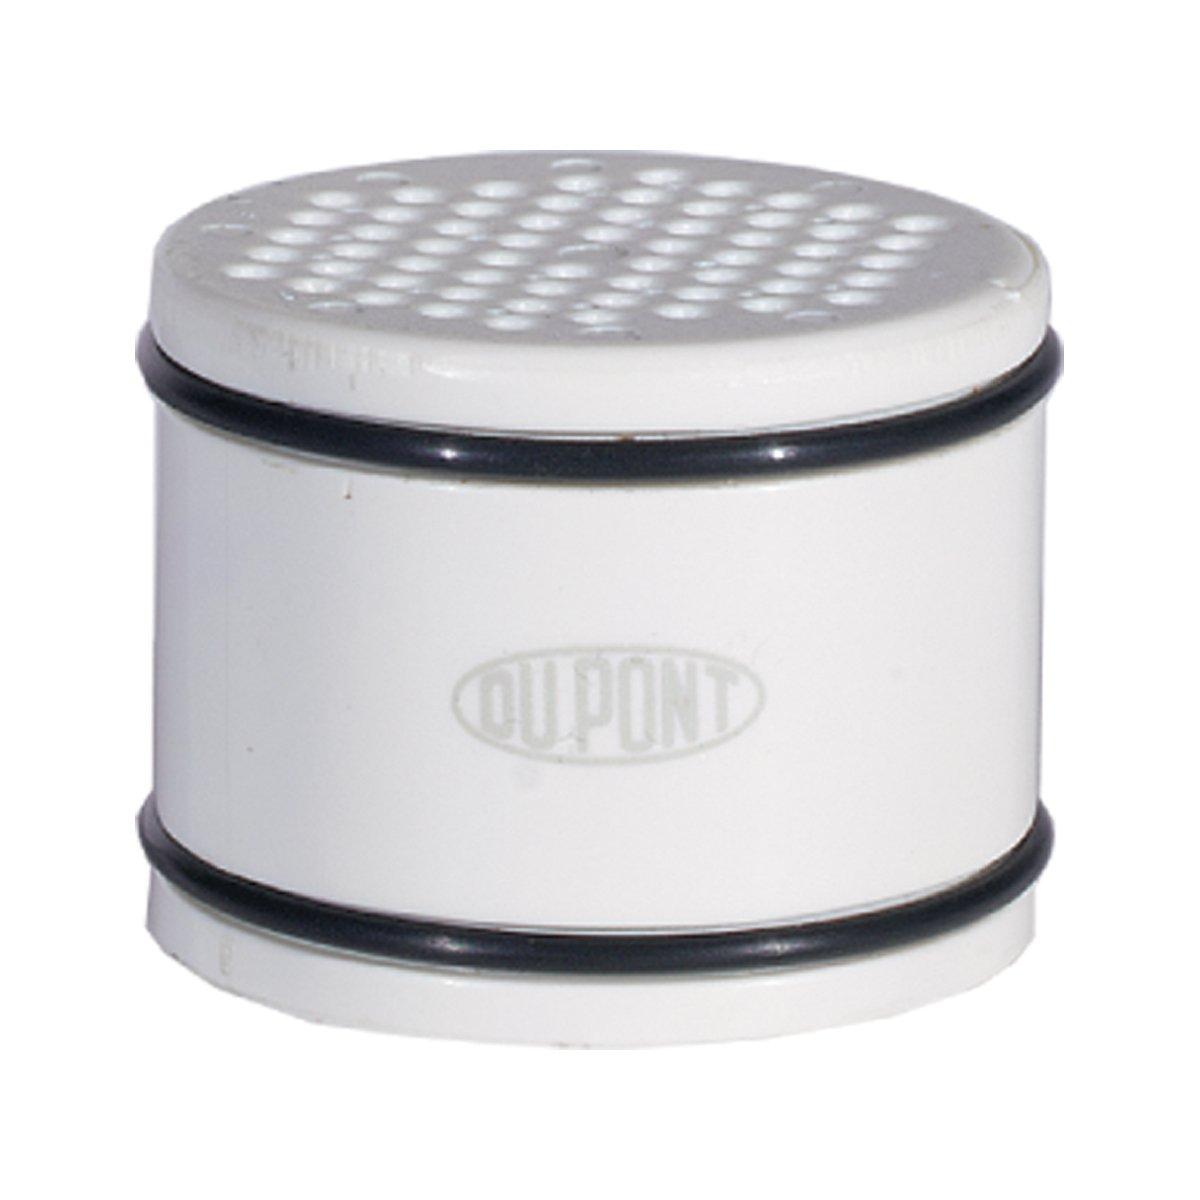 DuPont WFSSC0501 In-Line Shower Granular Carbon Filter by DuPont